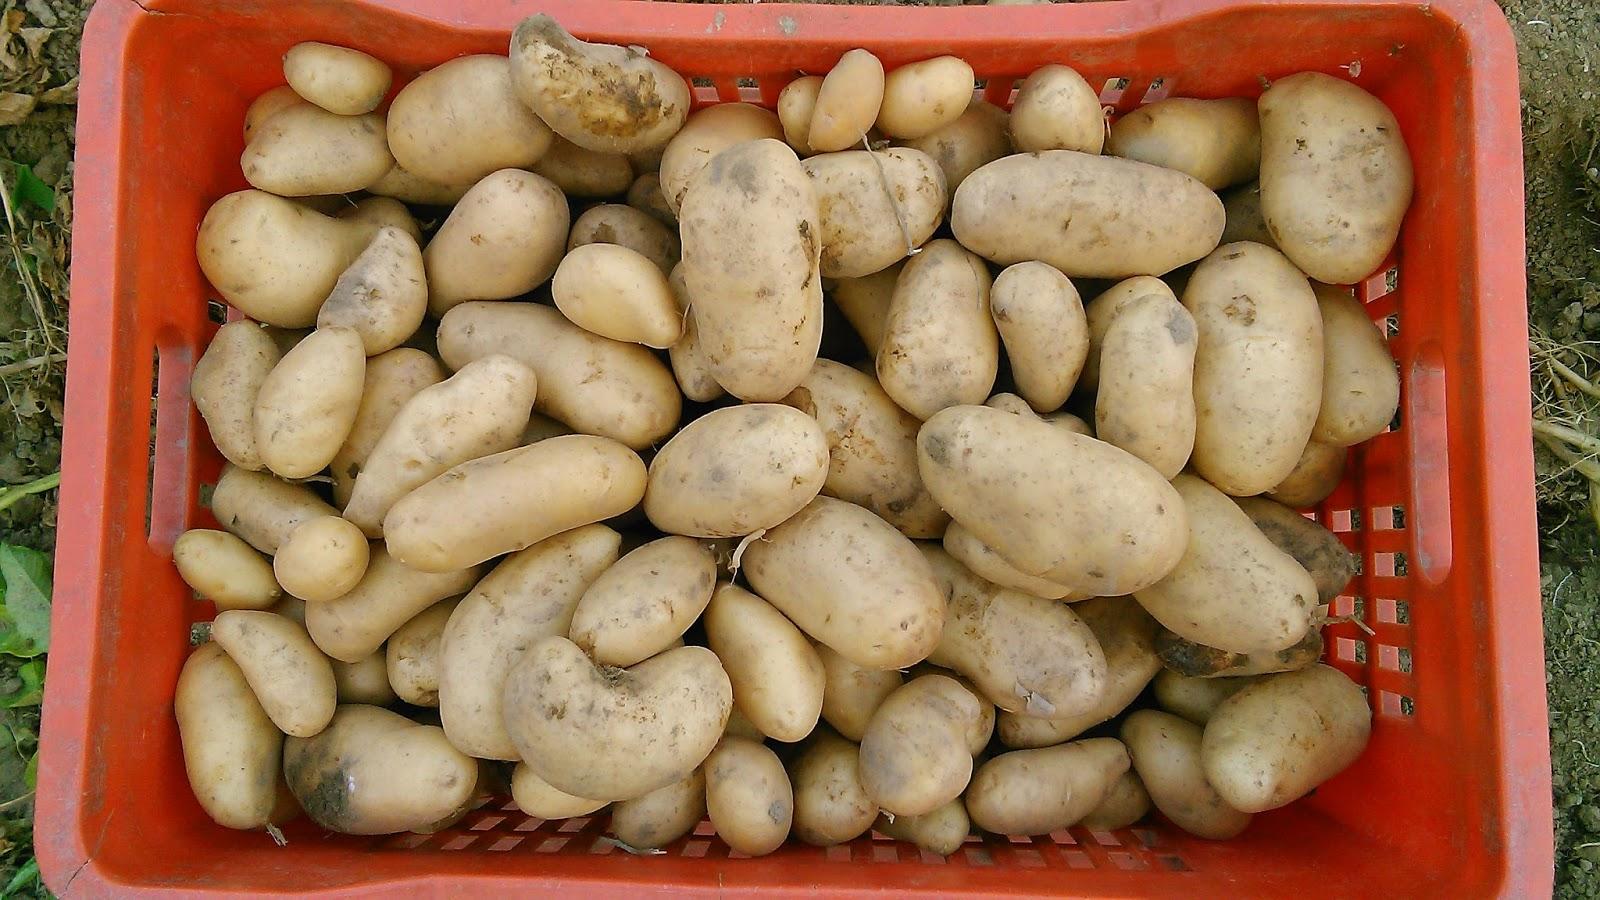 La cruna dell 39 ago la raccolta delle patate calogero pinzone for Raccolta patate